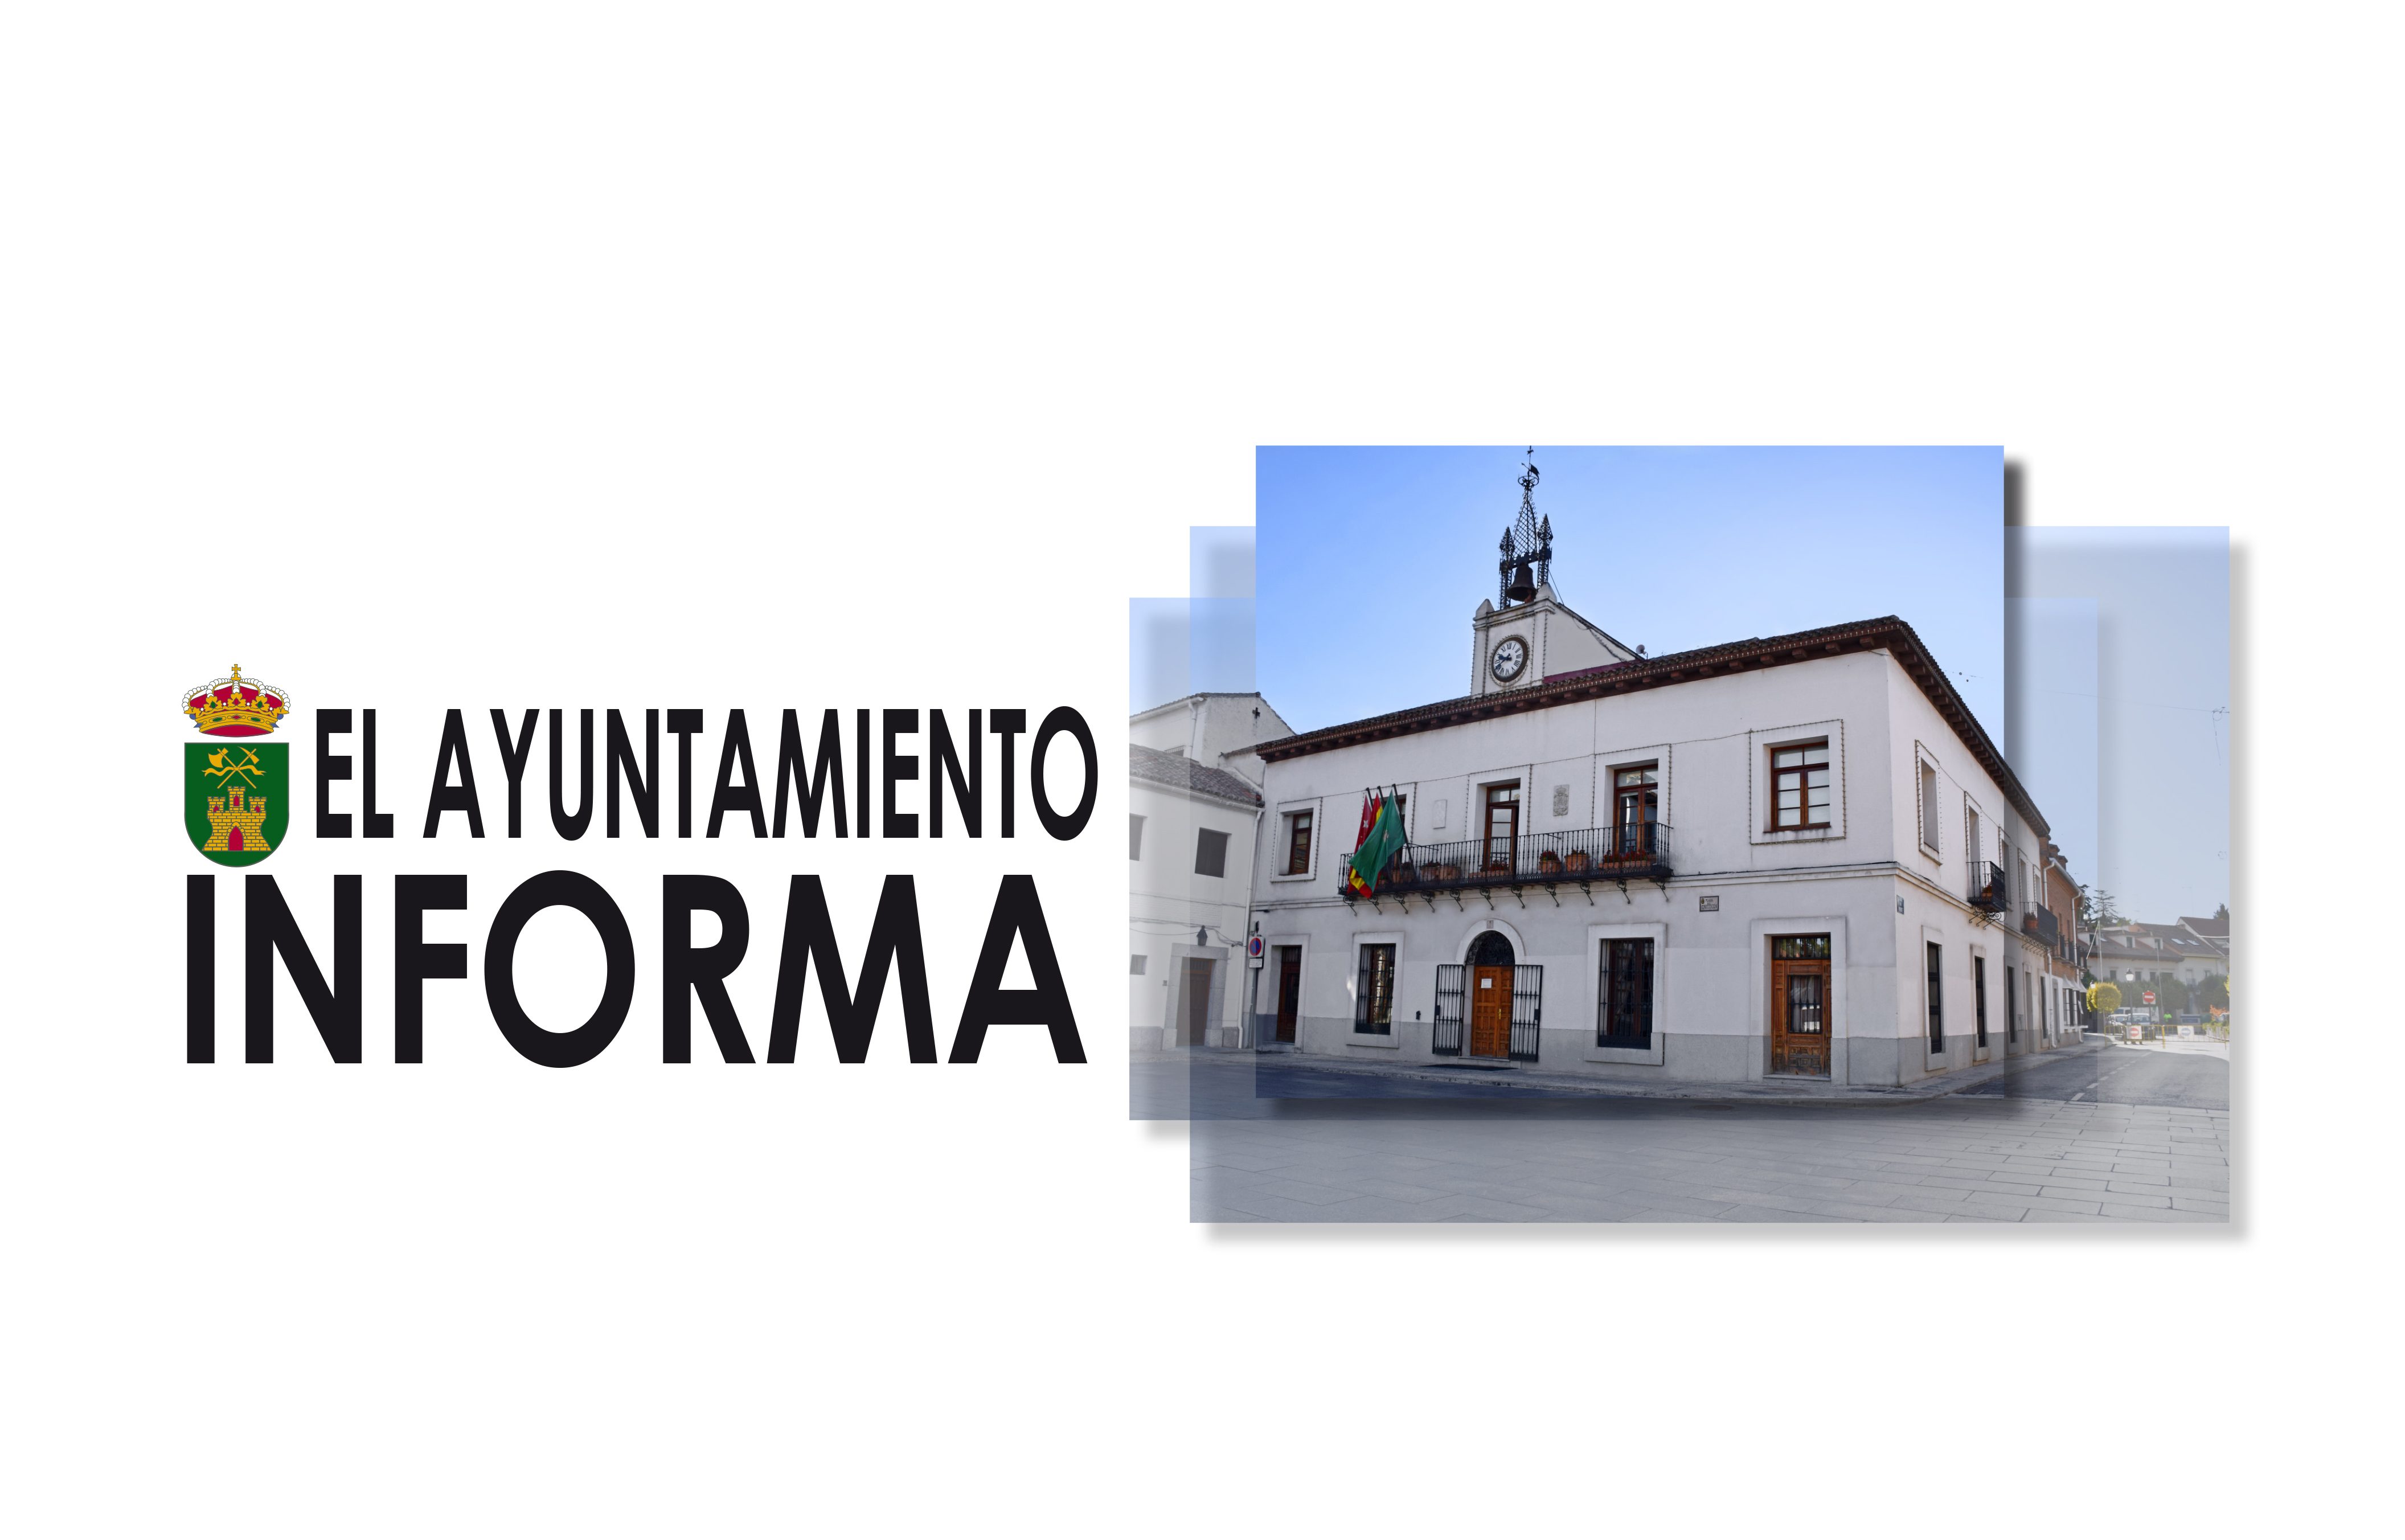 Texto Alternativo: El alcalde de Villaviciosa de Odón anuncia un paquete de inversiones públicas por importe de 3.812.000 euros